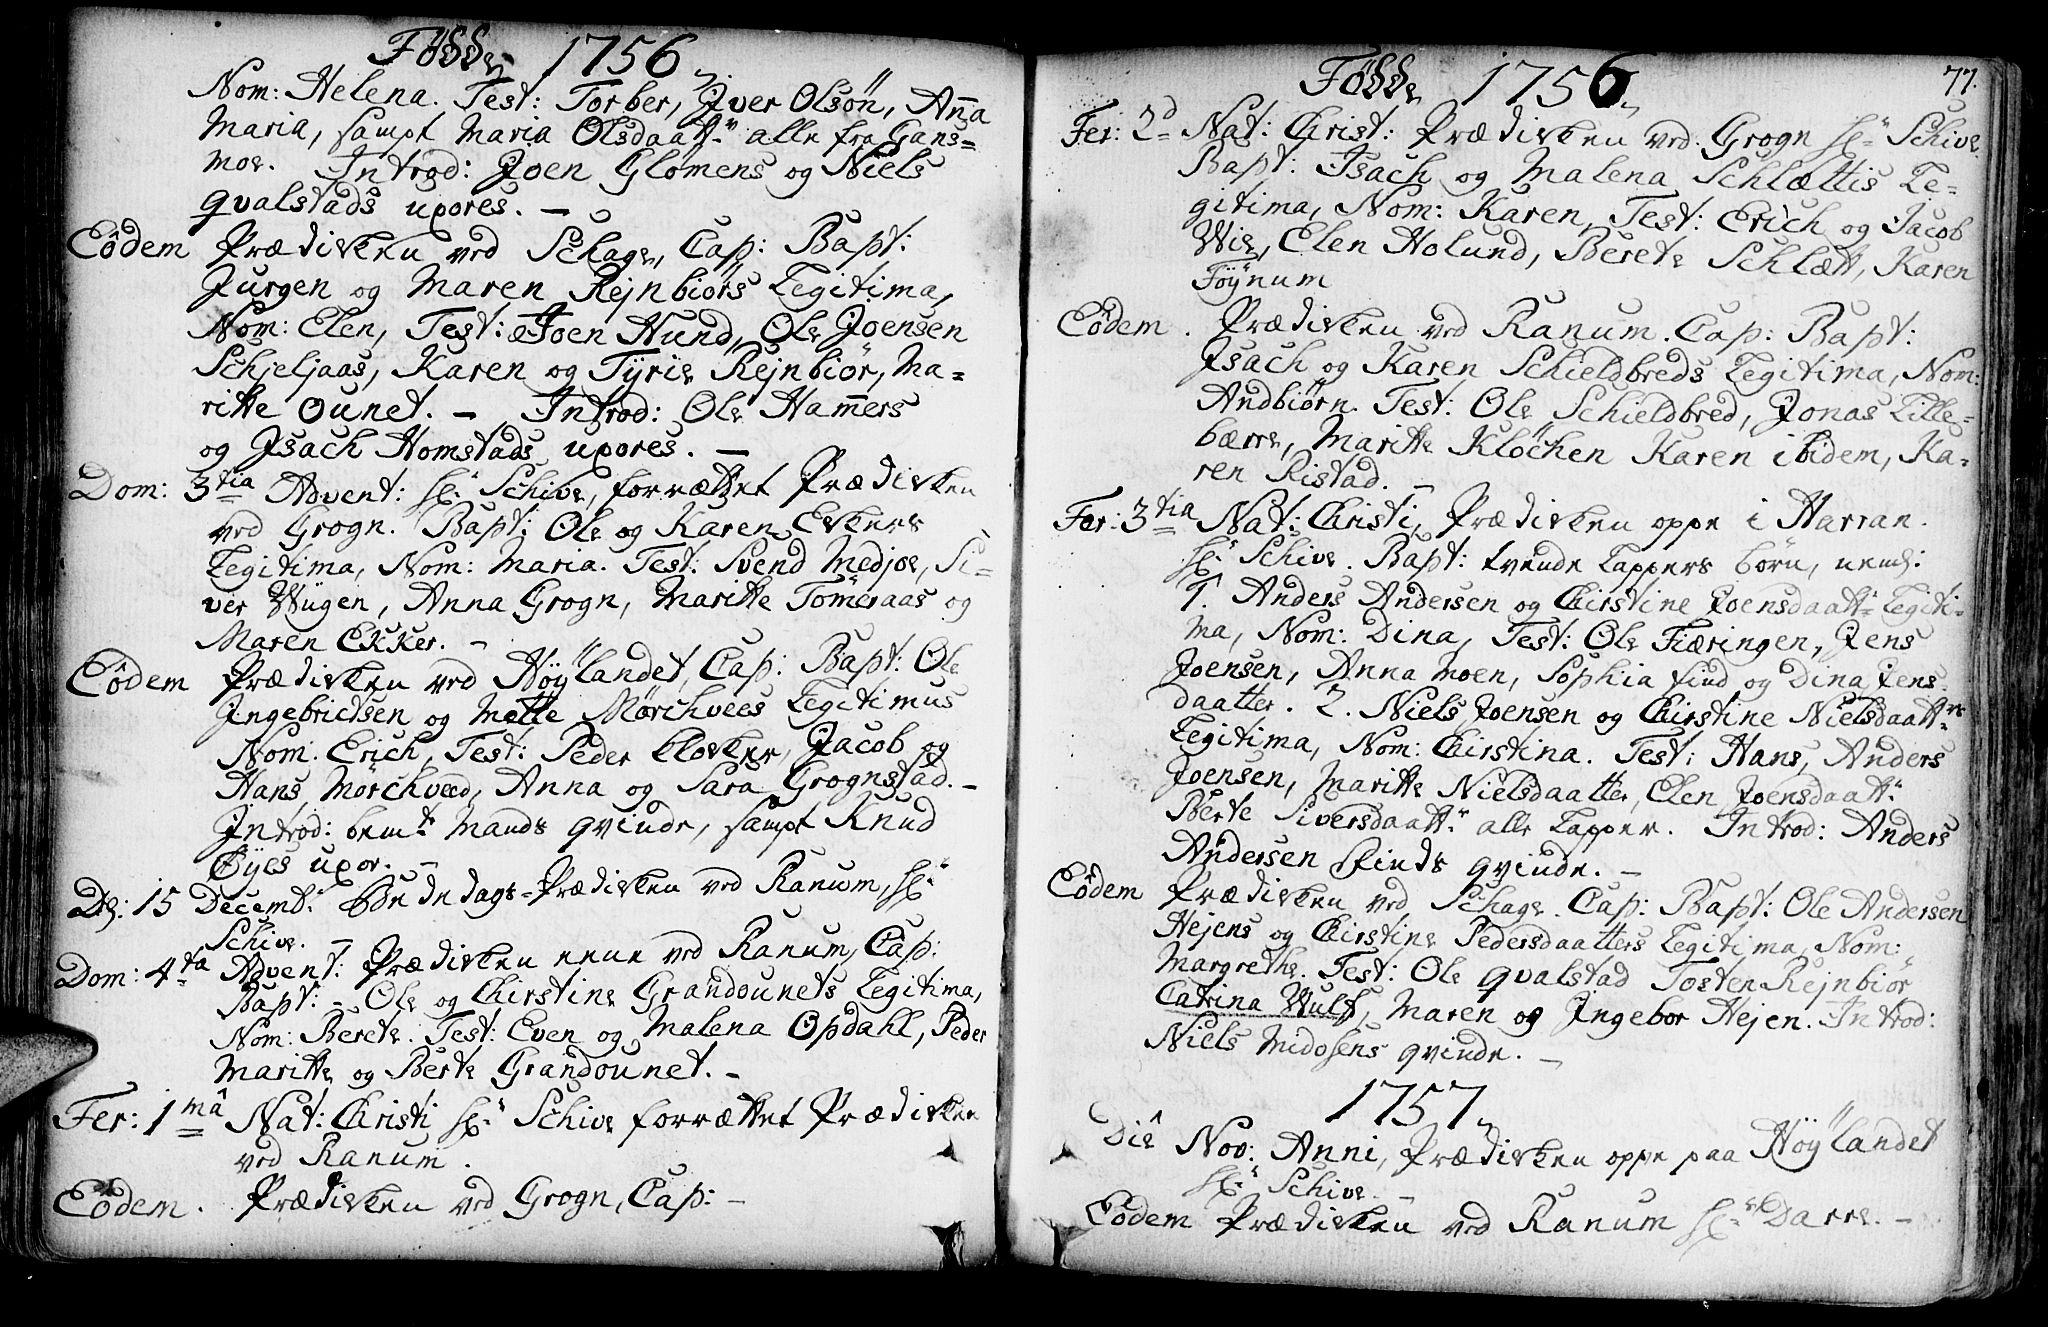 SAT, Ministerialprotokoller, klokkerbøker og fødselsregistre - Nord-Trøndelag, 764/L0542: Ministerialbok nr. 764A02, 1748-1779, s. 77